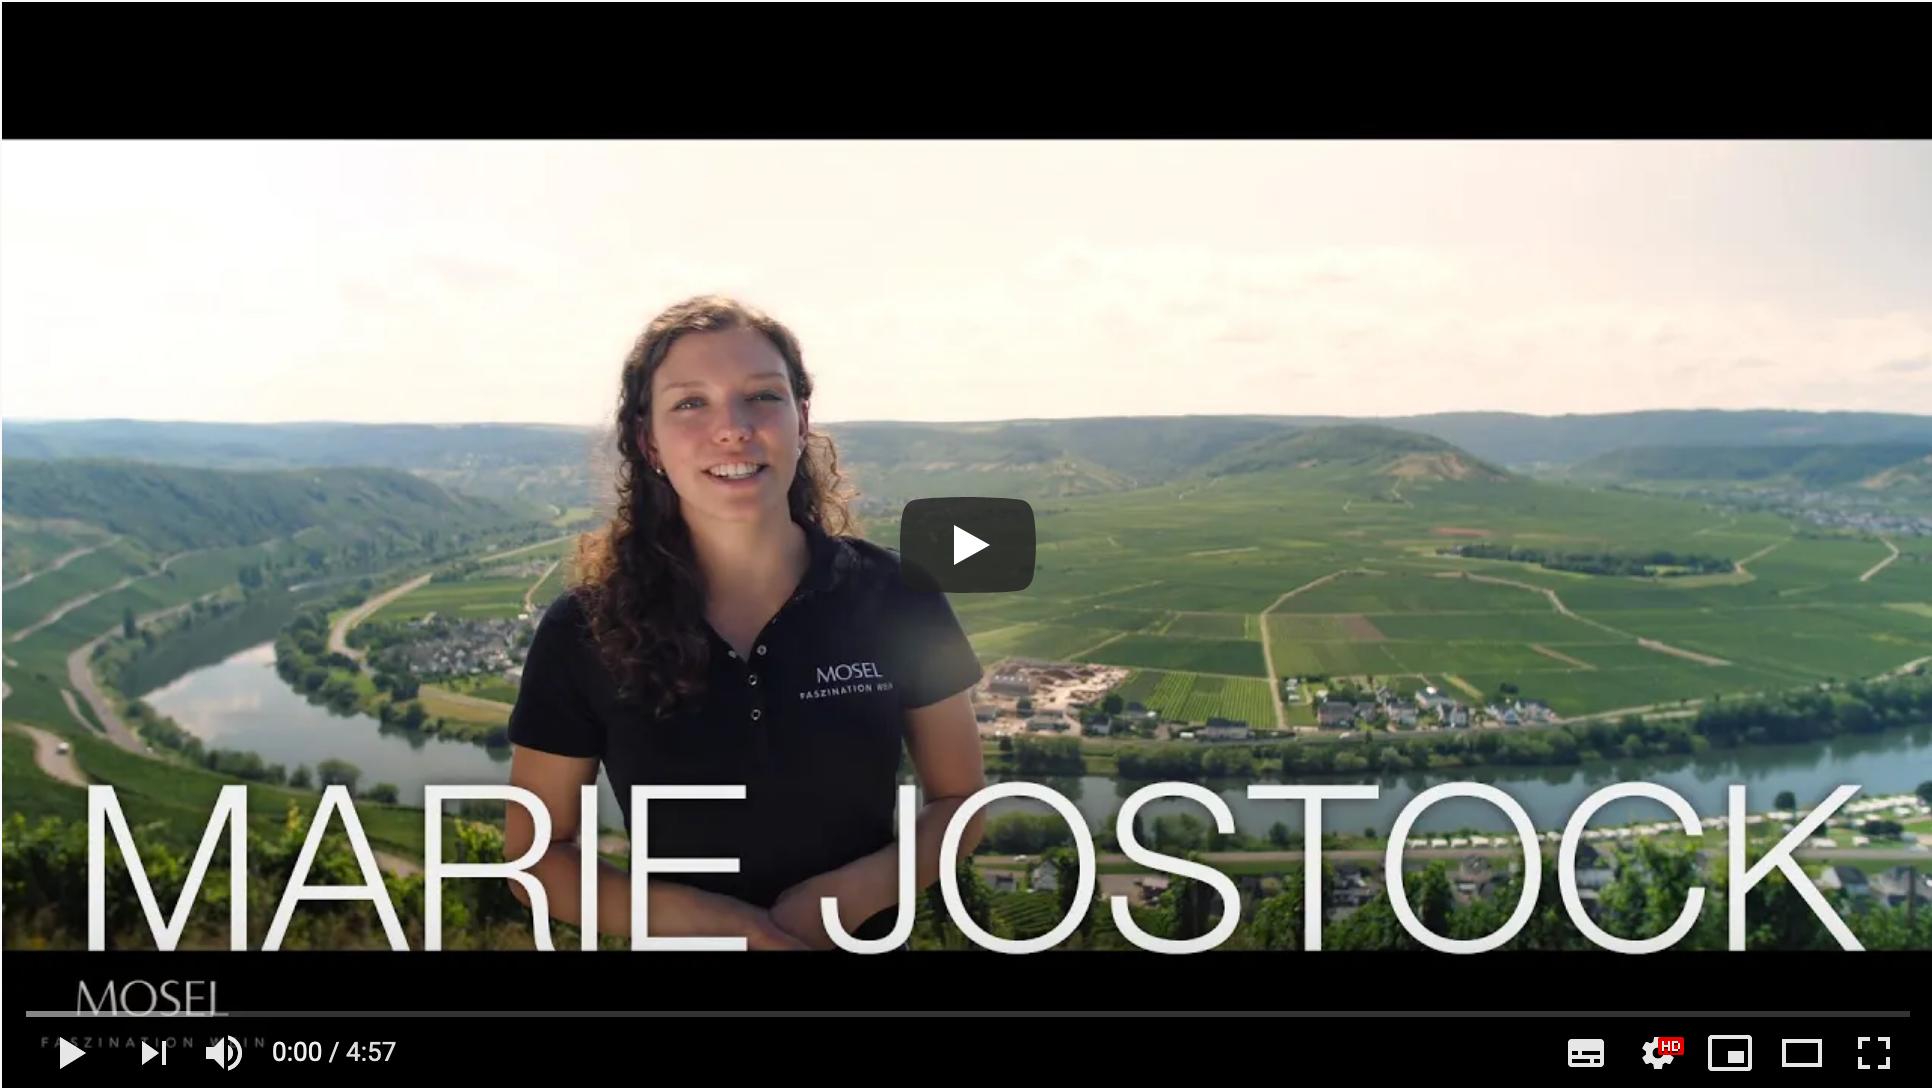 Marie Jostock